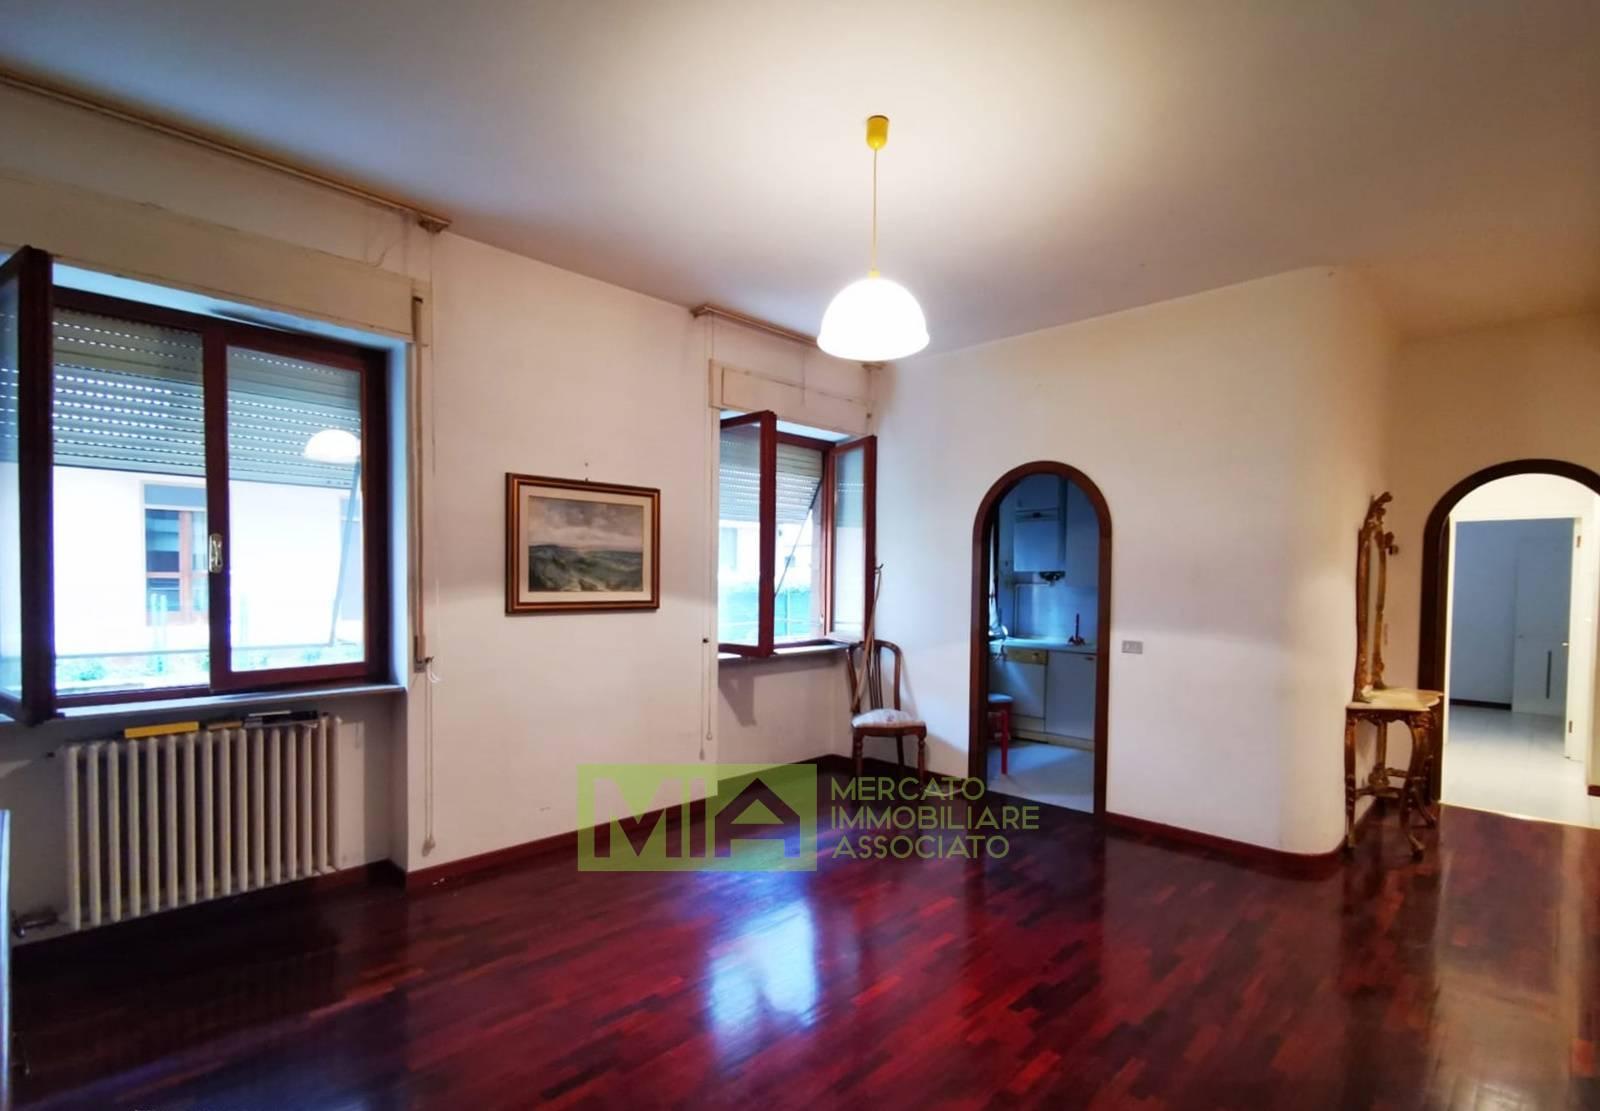 Appartamento in vendita a Macerata, 5 locali, zona Località: VIASPALATO, prezzo € 95.000   CambioCasa.it